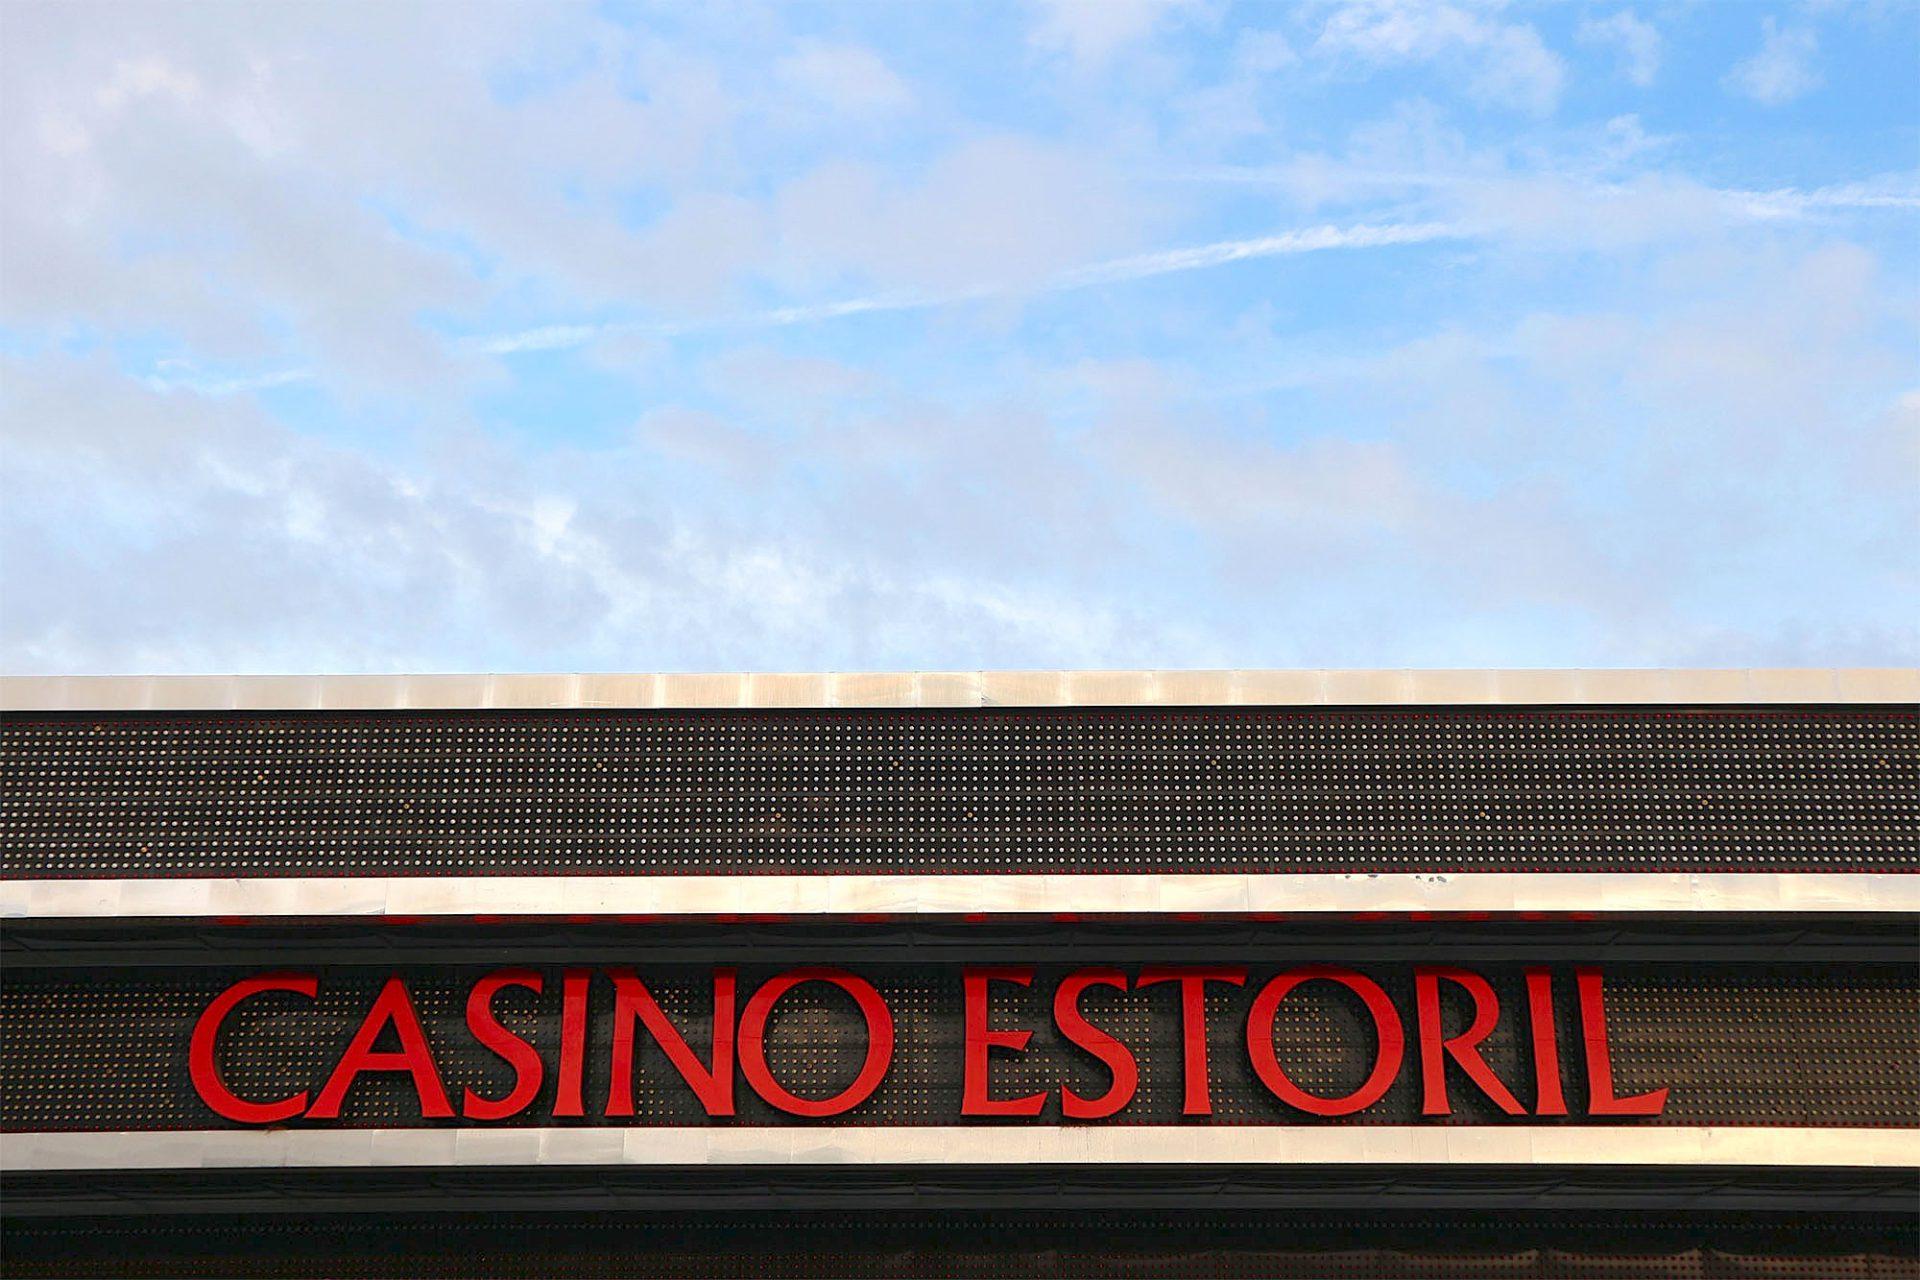 Casino Estoril. Der Neubau des Casinos stammt aus dem Jahr 1968, die alte Spielbank wurde 1931 eröffnet.